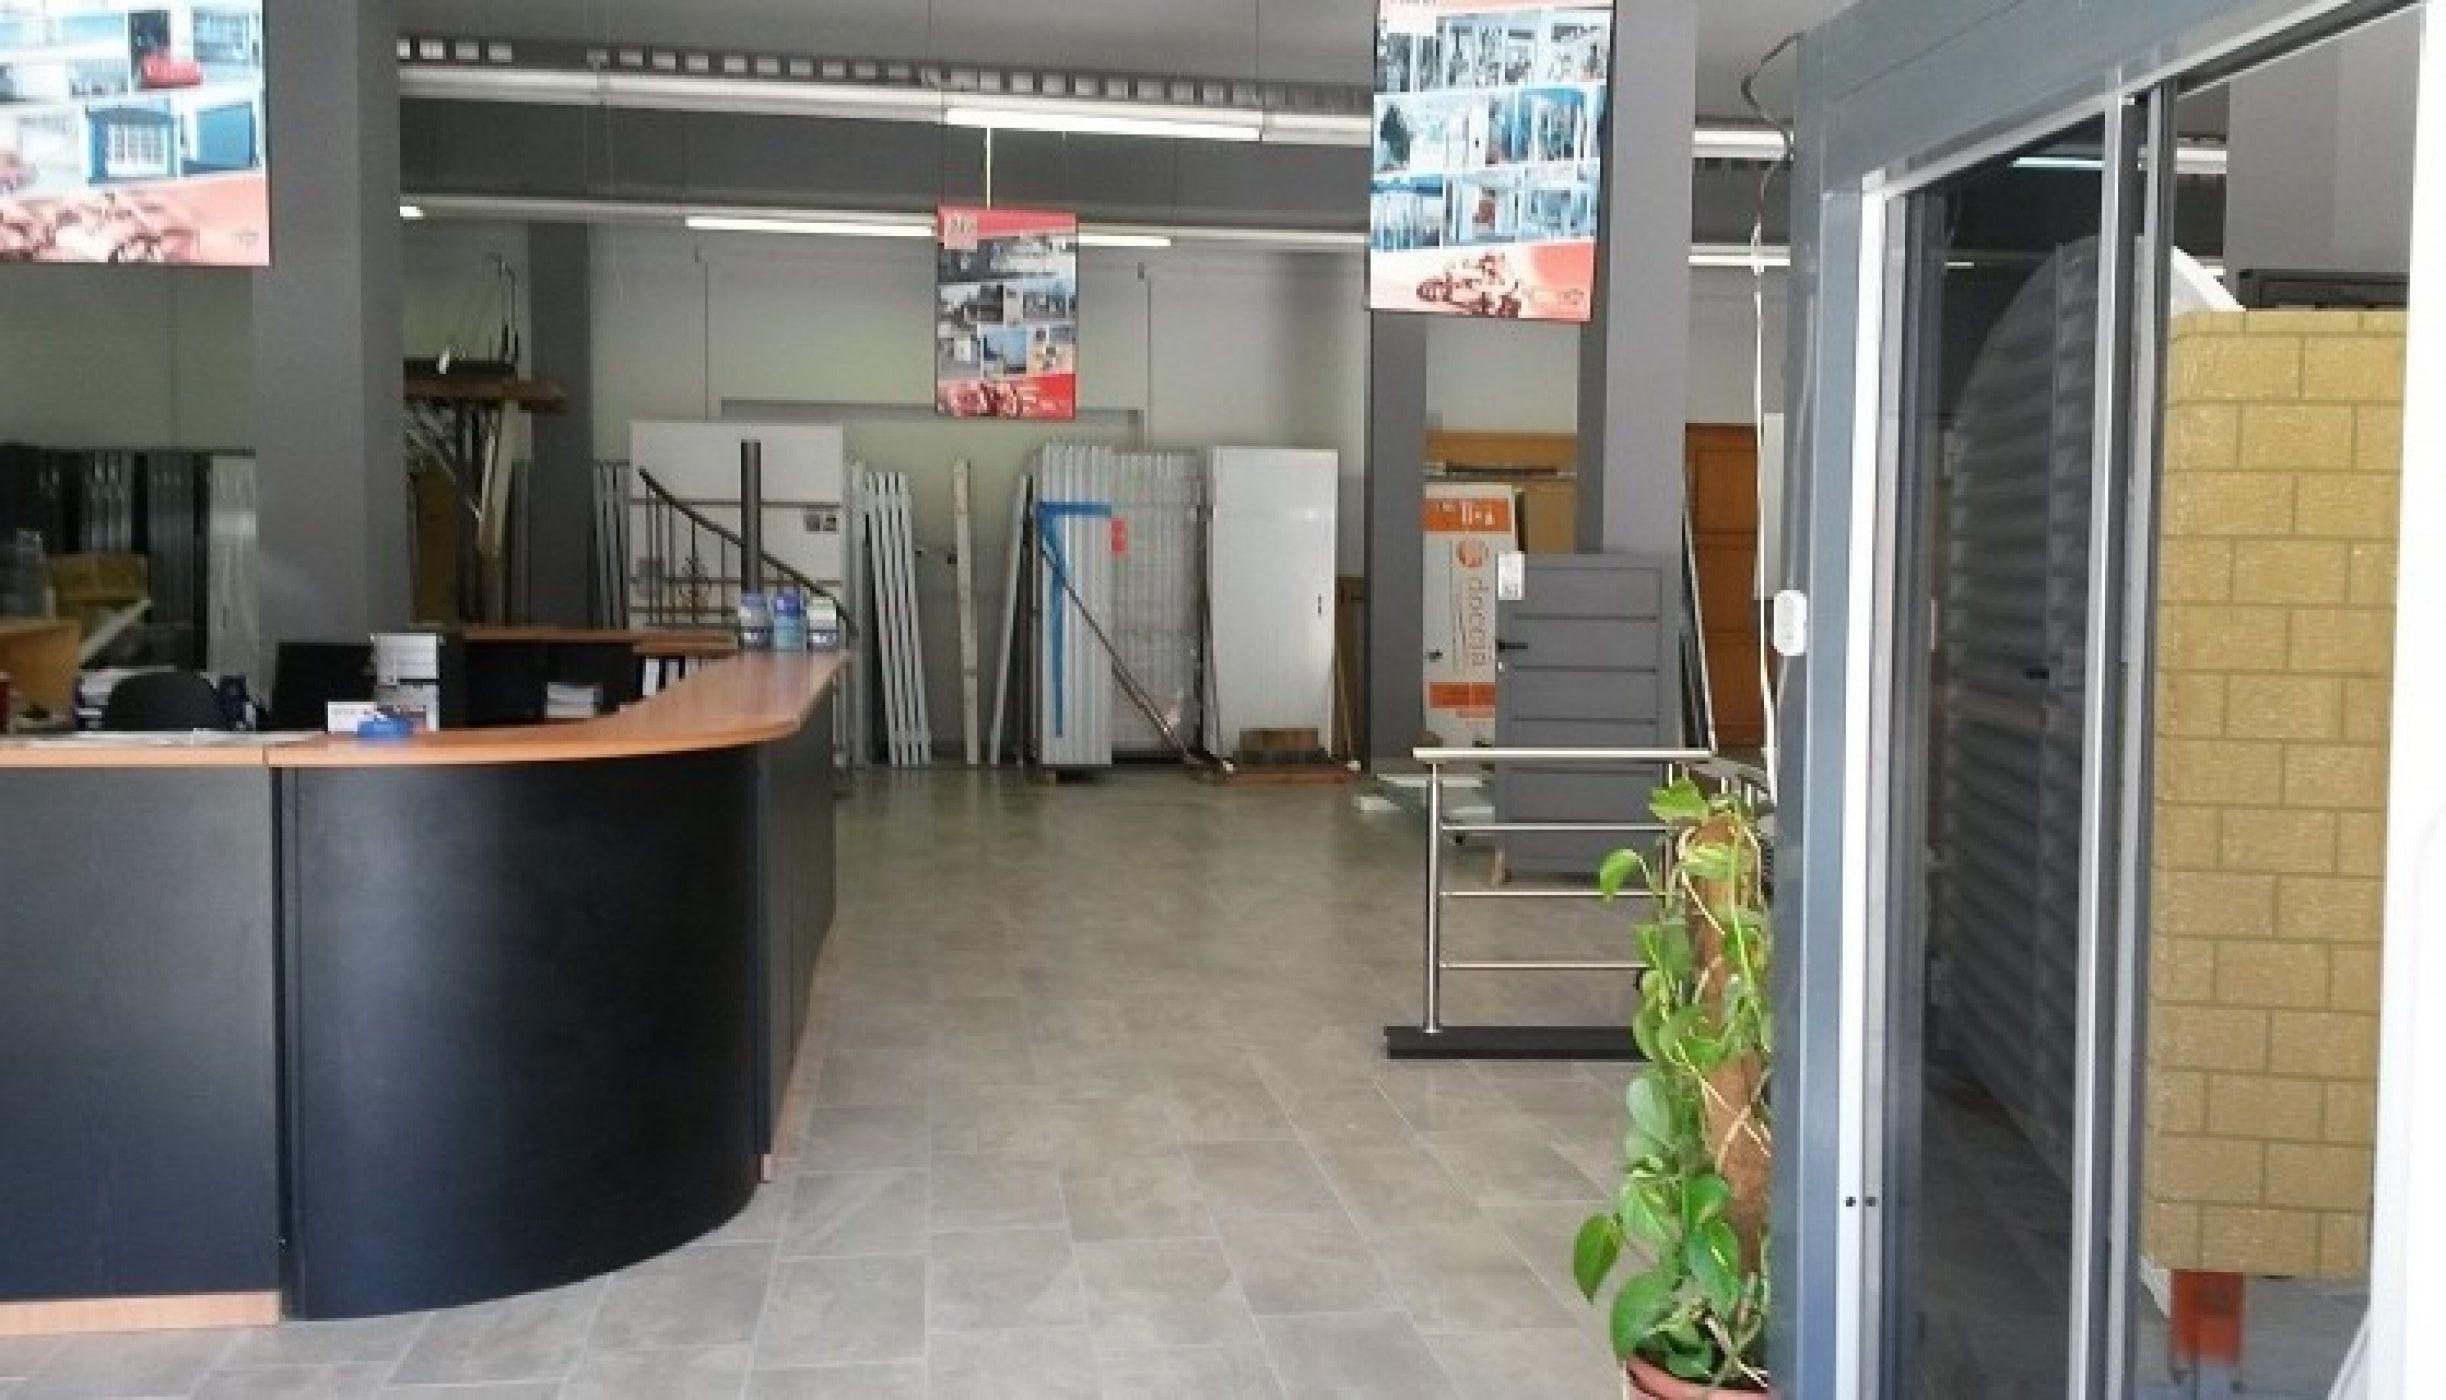 Local en alquiler en Segur de Calafell - Centro, Calafell